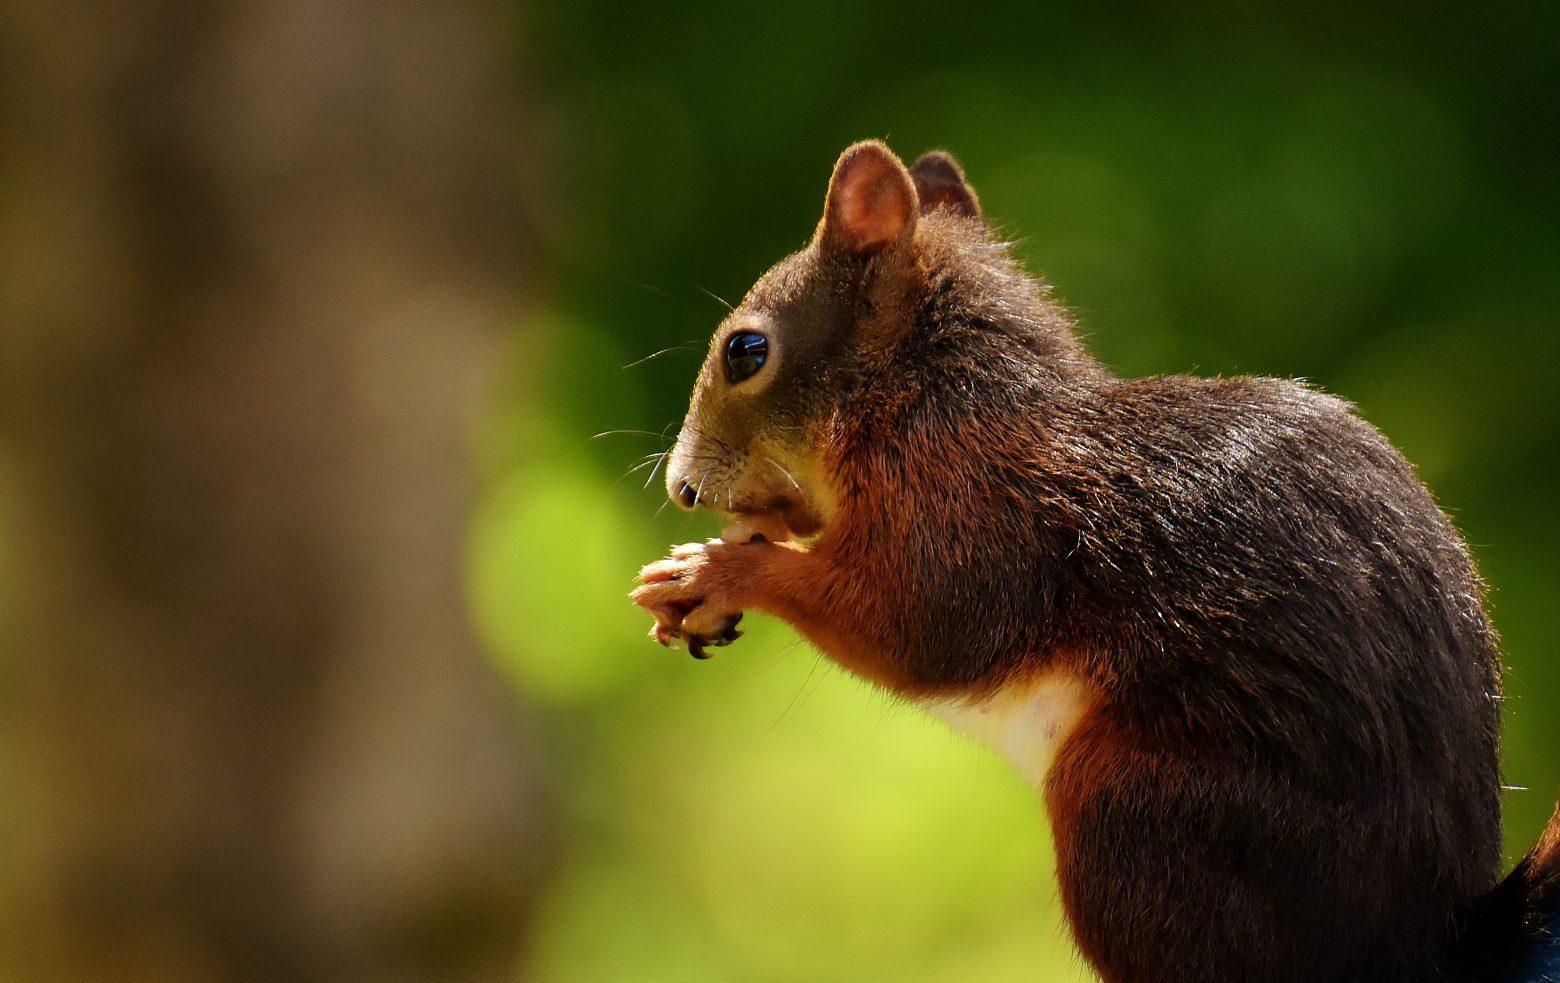 squirrel-2459402